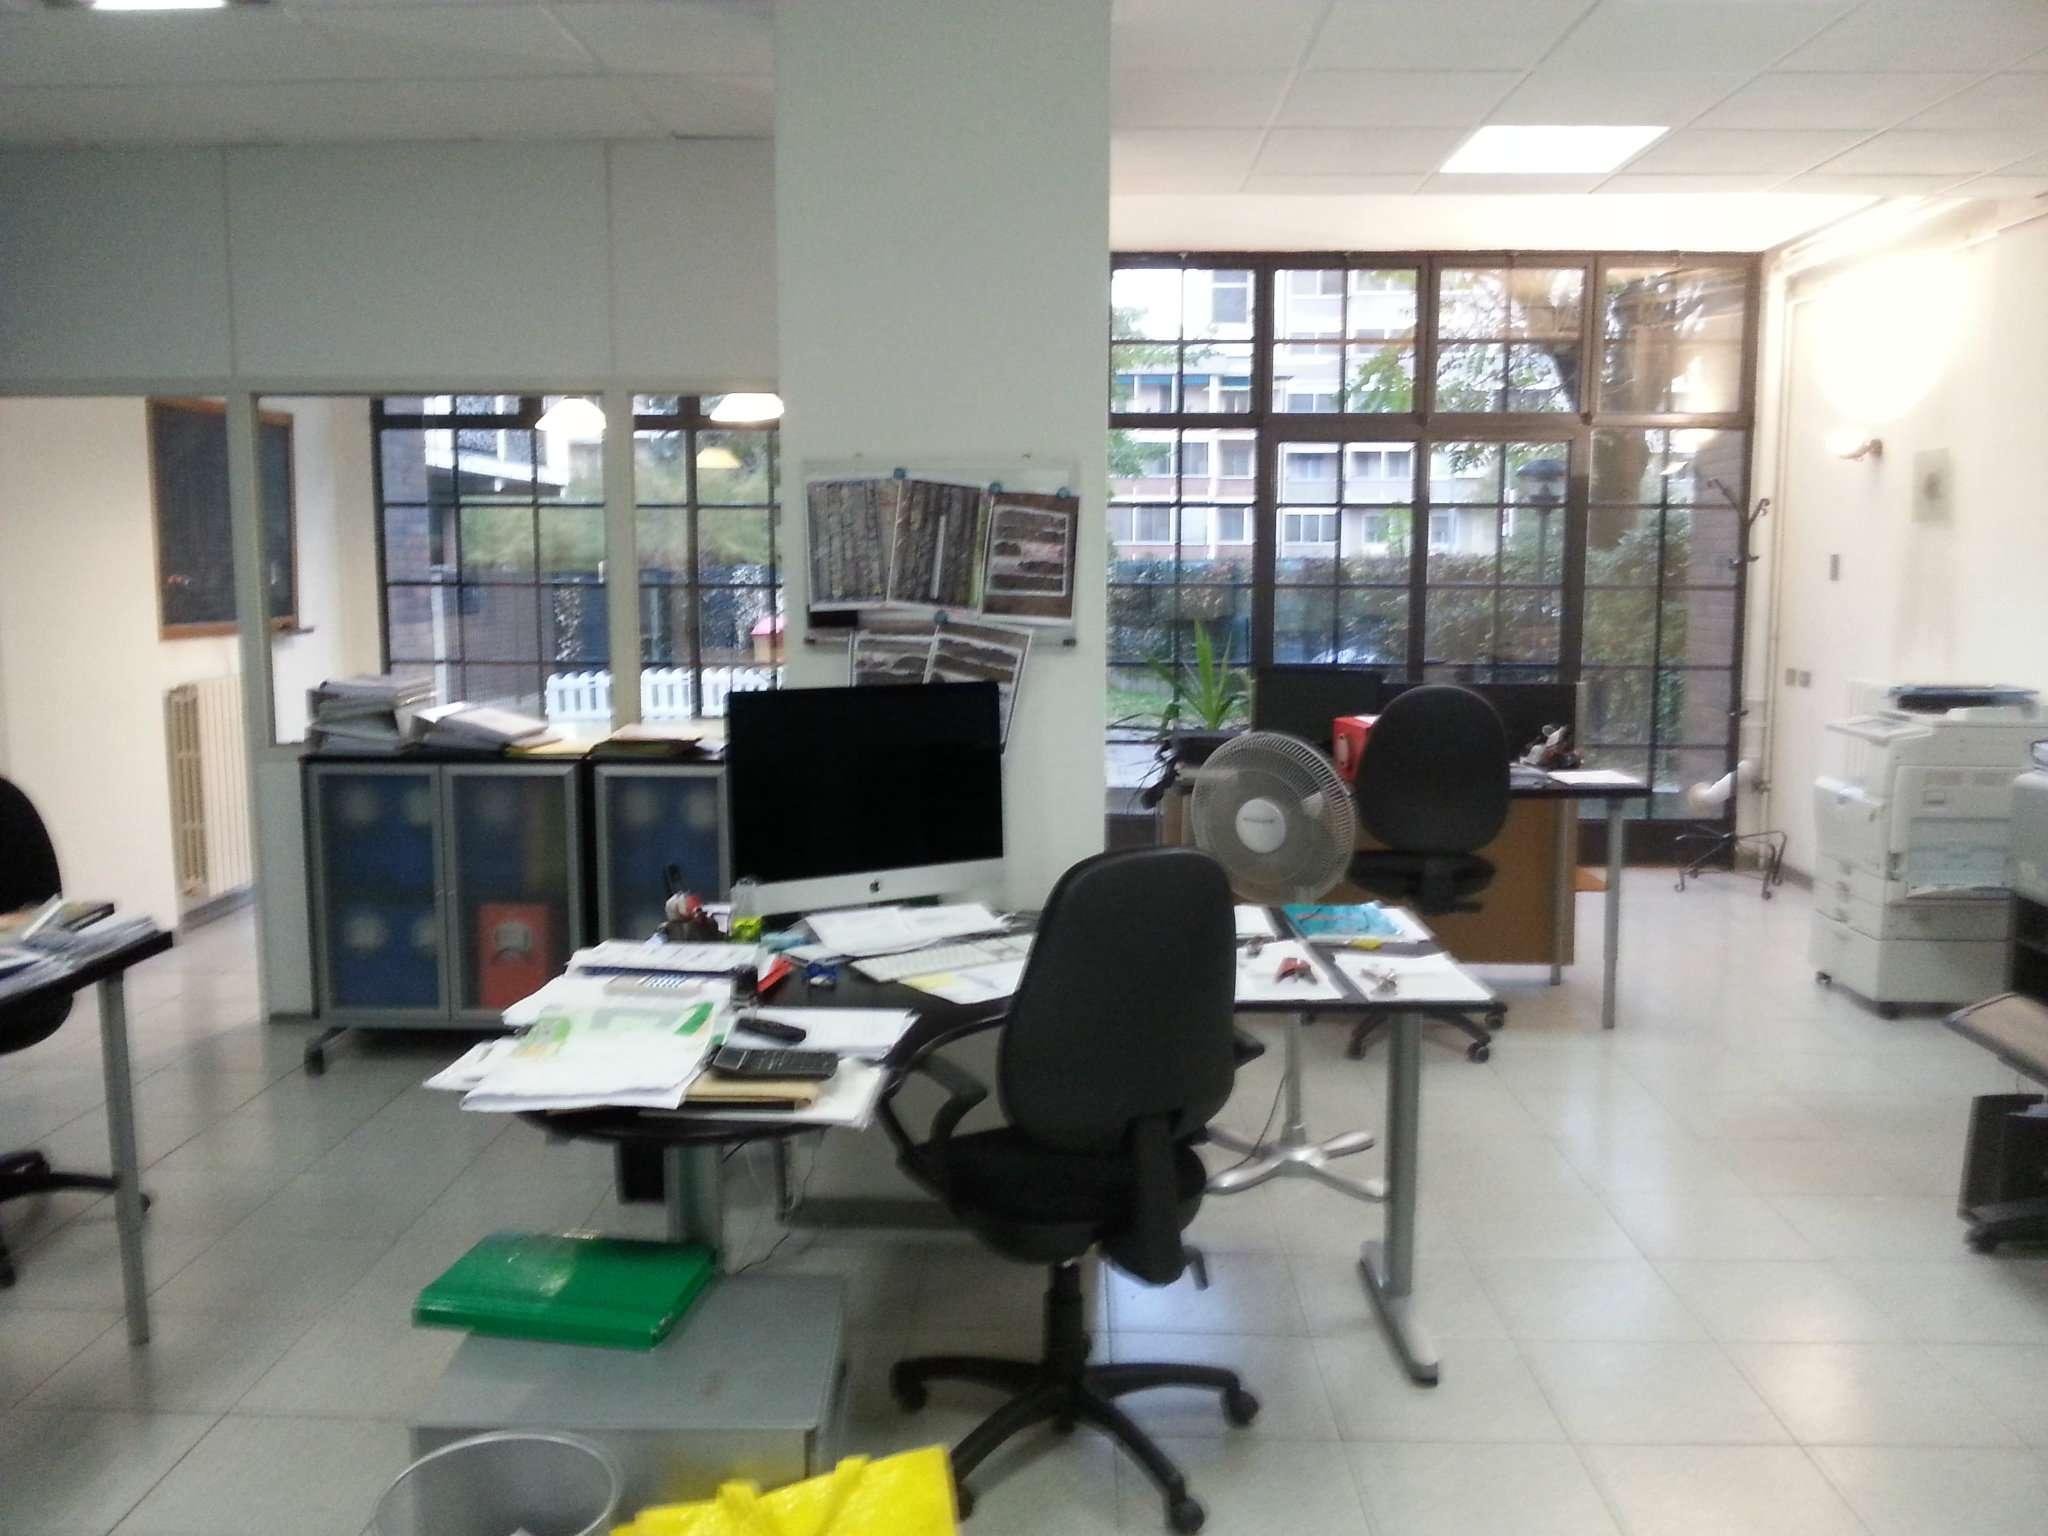 Ufficio Barriere Architettoniche Milano : Bilocale vendita milano via pampuri rif